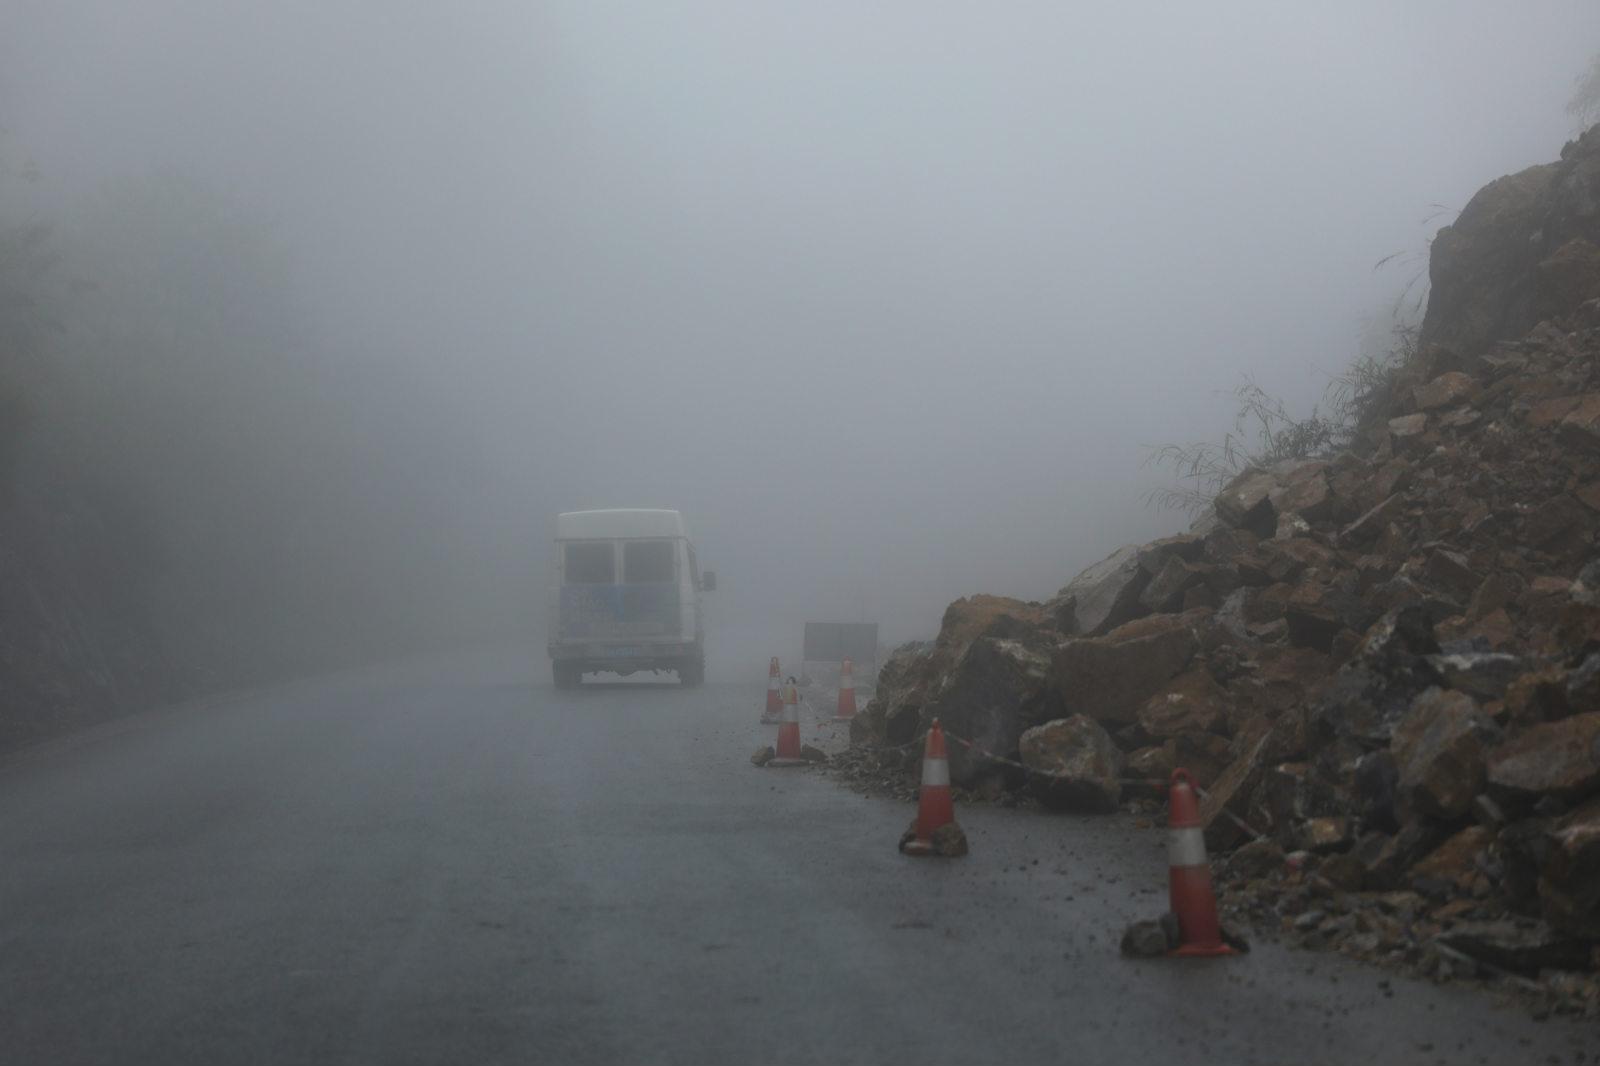 8老邓的车在迷雾里穿行_meitu_11